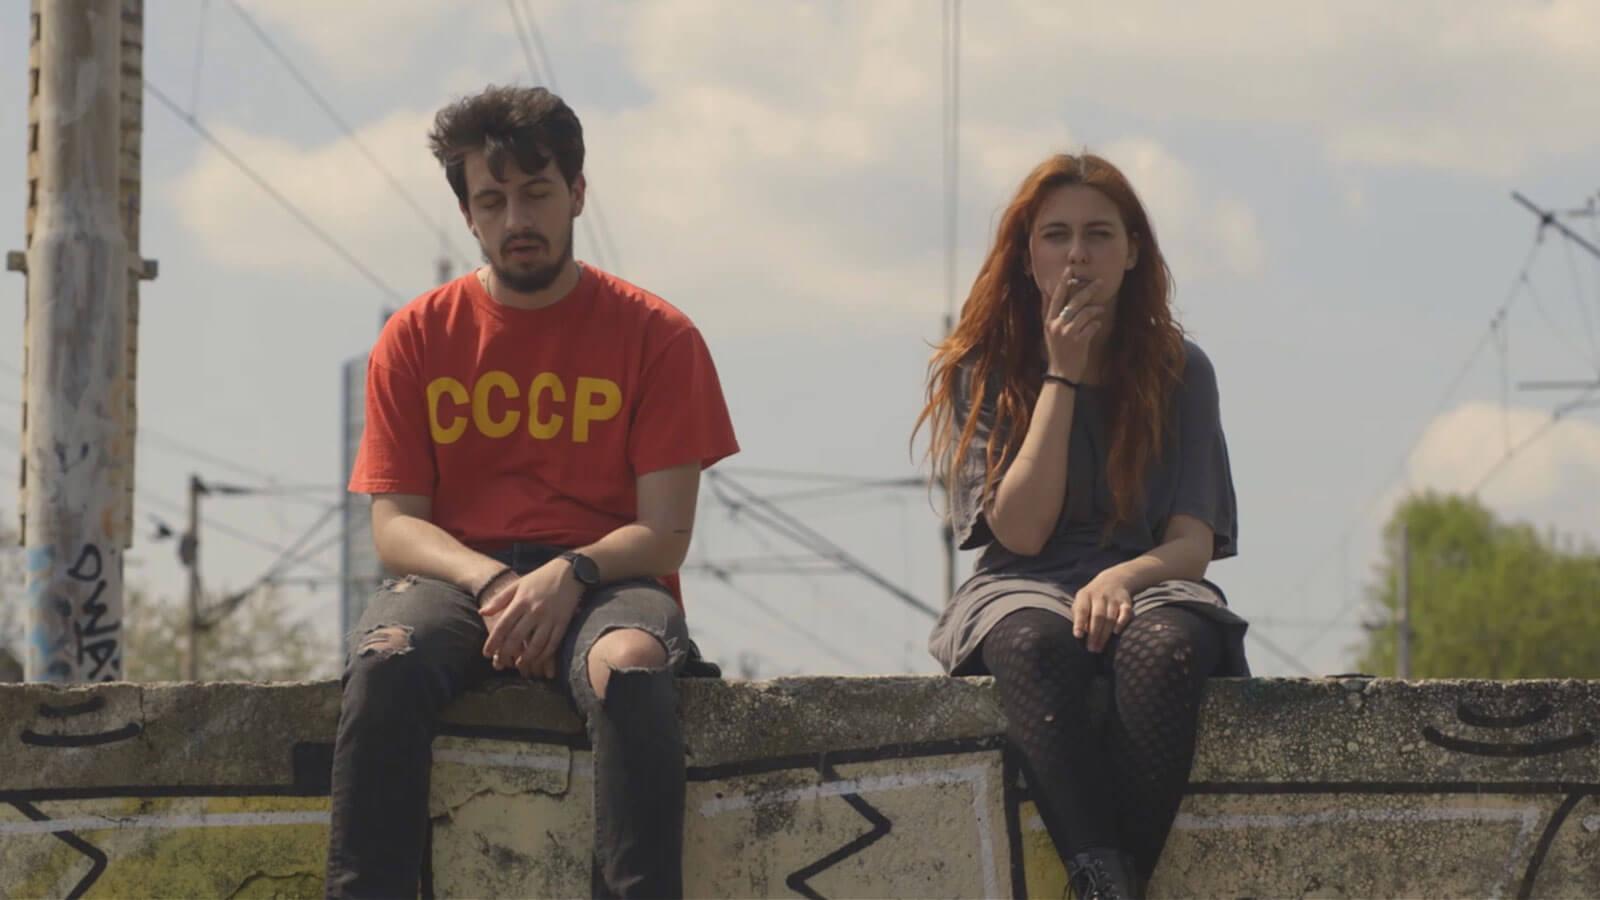 U kina stiže film o noćnom životu u Zagrebu: 'Marihuana je sasvim normalna stvar'